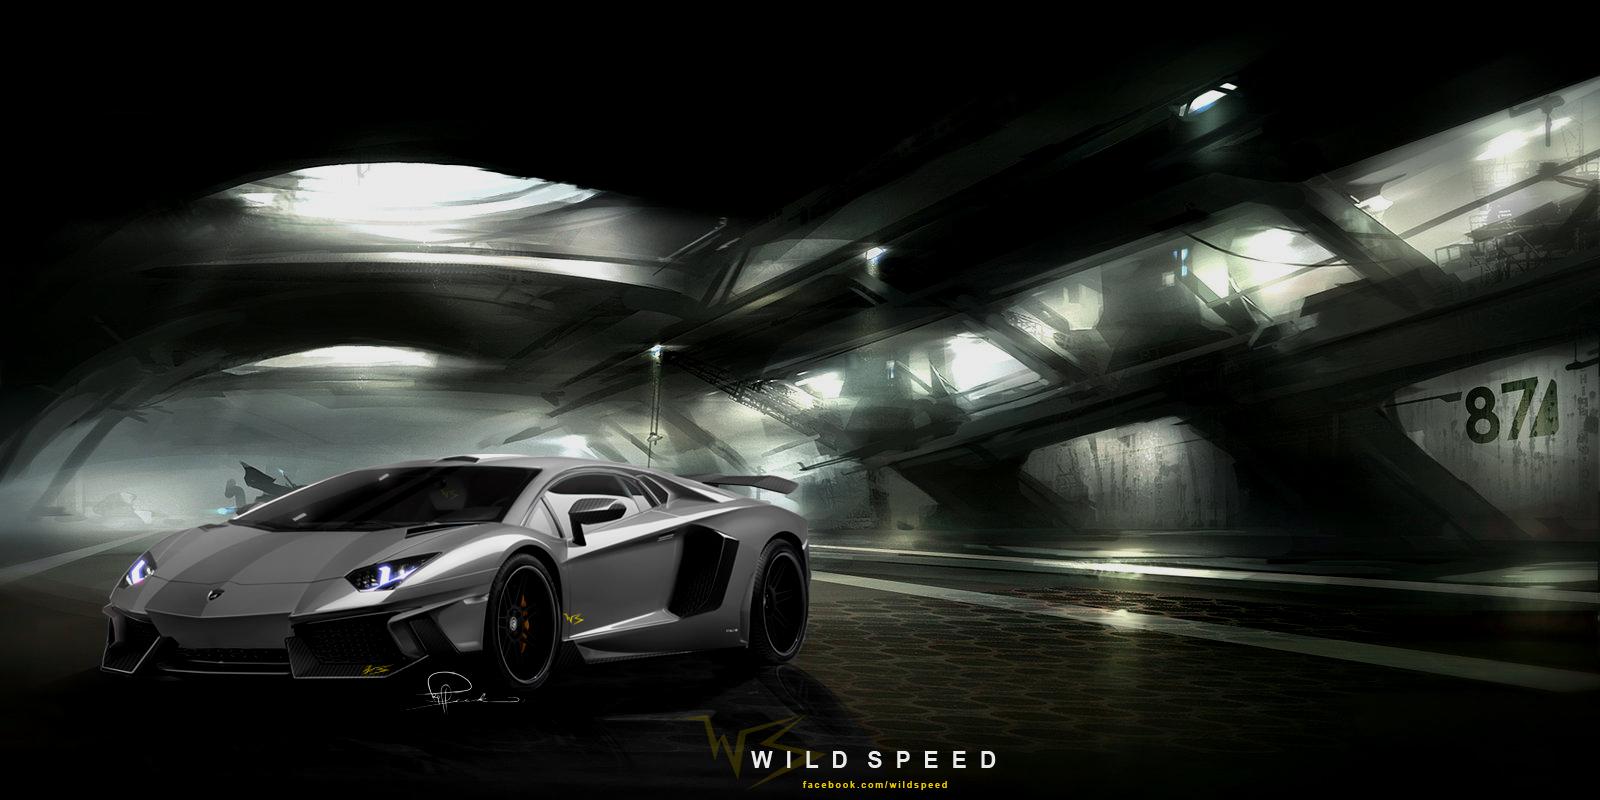 Luxury Lamborghini Cars Lamborghini Aventador Wallpaper Hd 1600x800